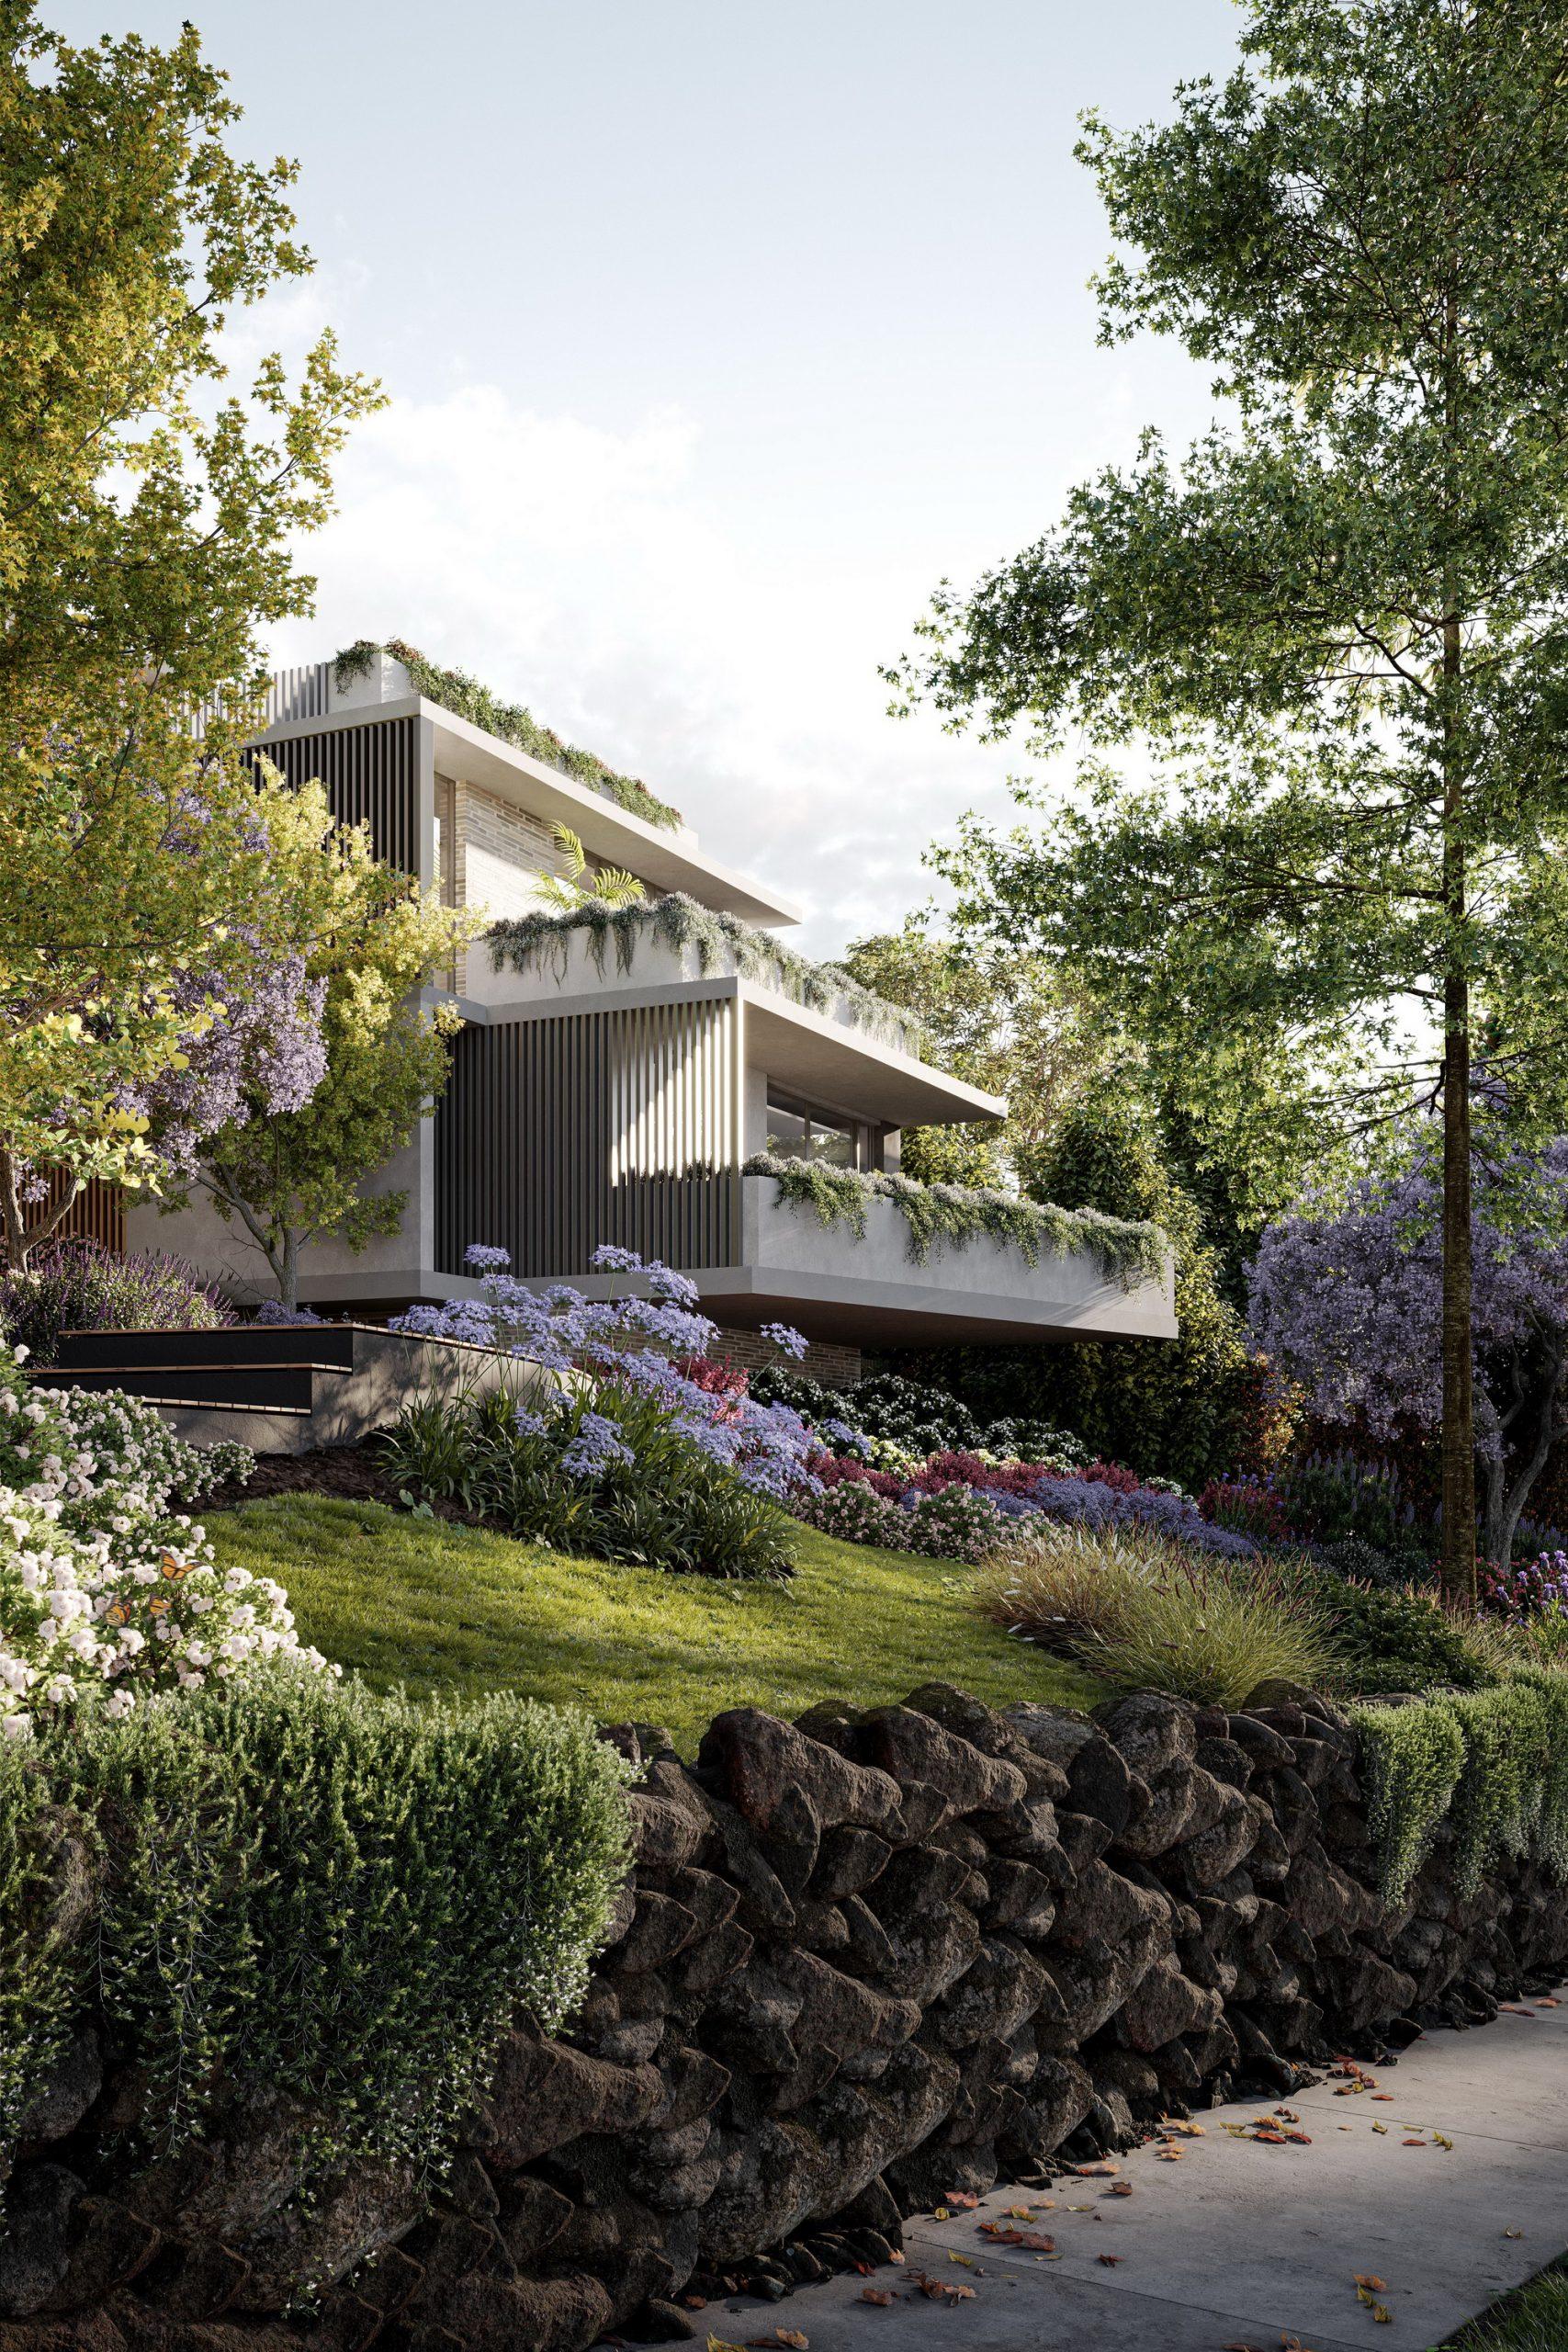 fkd-studio-3d-archiecture-visualisation-cgi-archviz-eaglemont-exterior-parklands